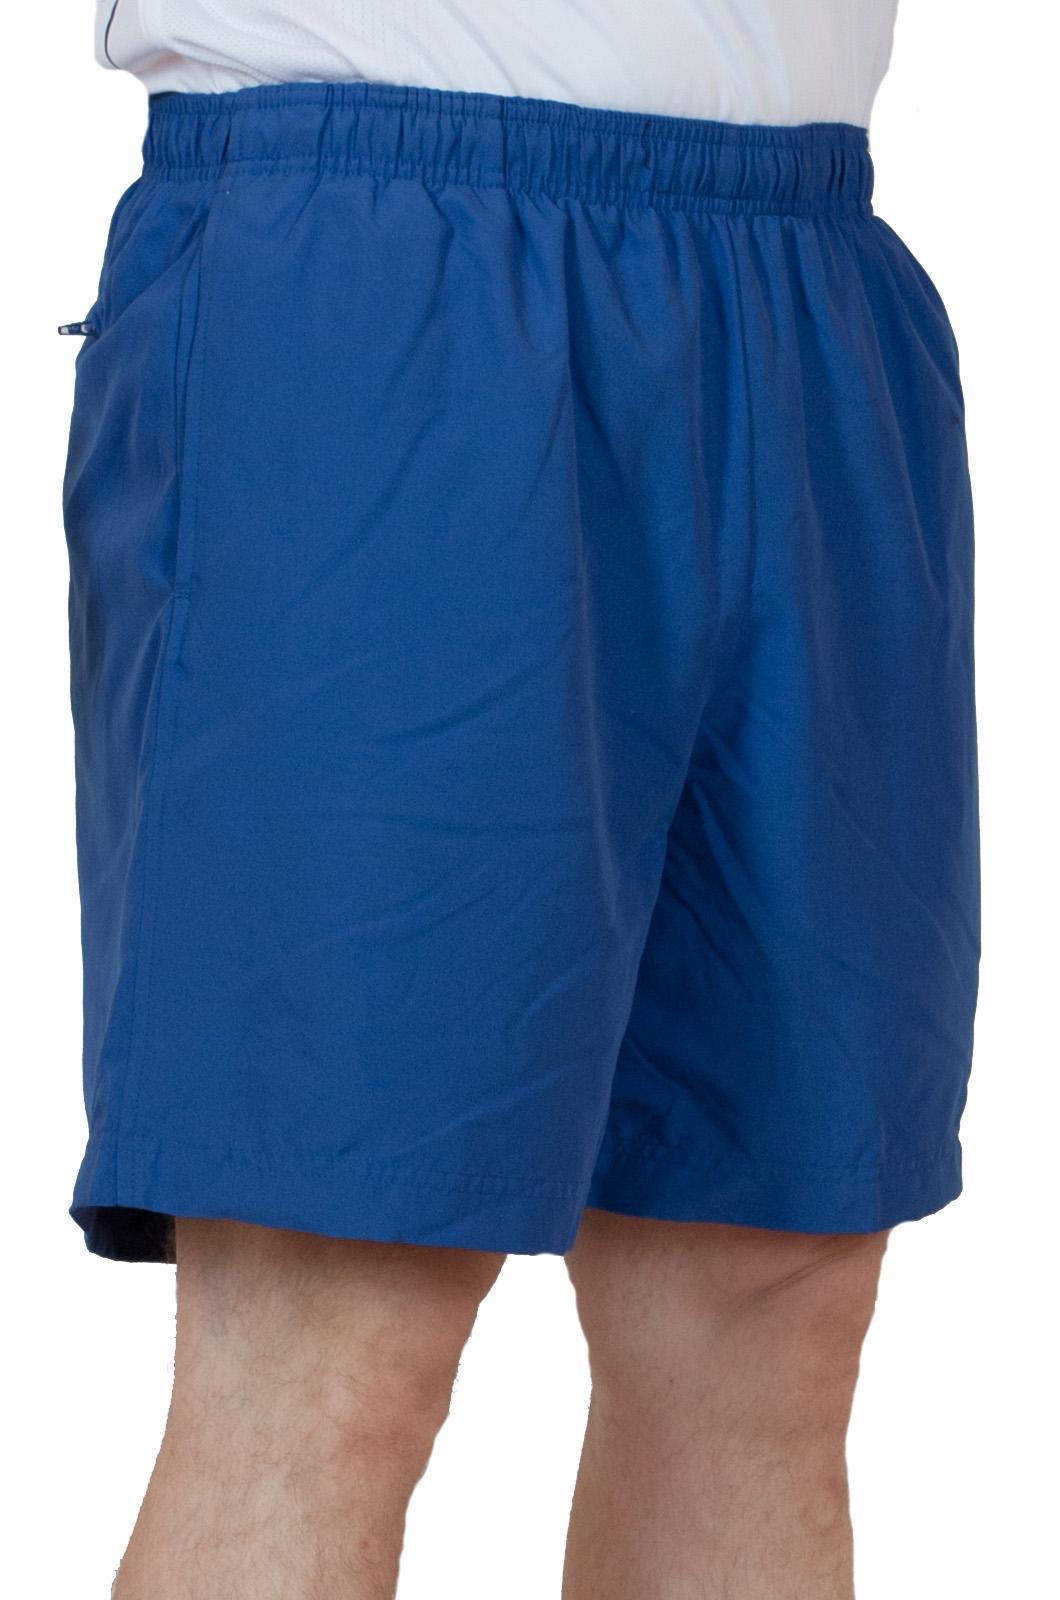 Итальянские шорты для мужчин Fila - вид сбоку